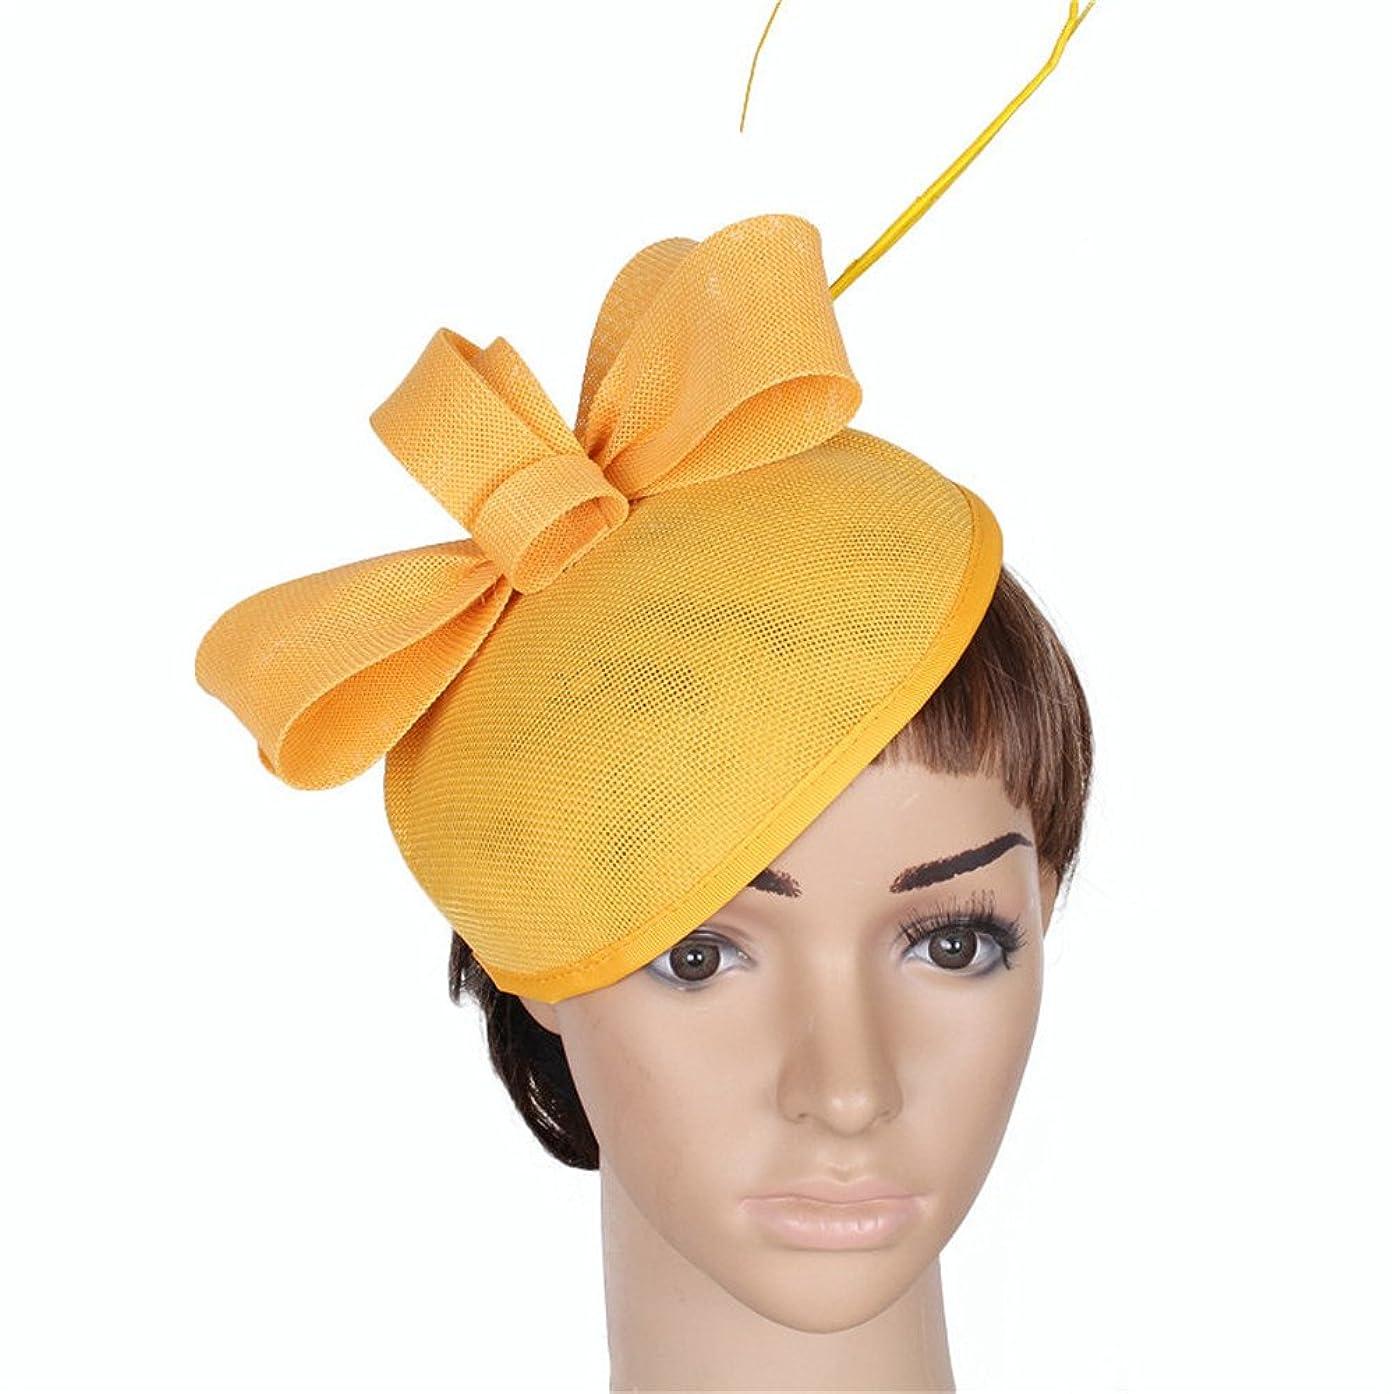 削減変数喜劇女性の魅力的な帽子 女性の魅惑的な帽子羽メッシュメッシュカクテルティーパーティー帽子花ダービー帽子クリップゲームロイヤルアスコット (色 : 赤)